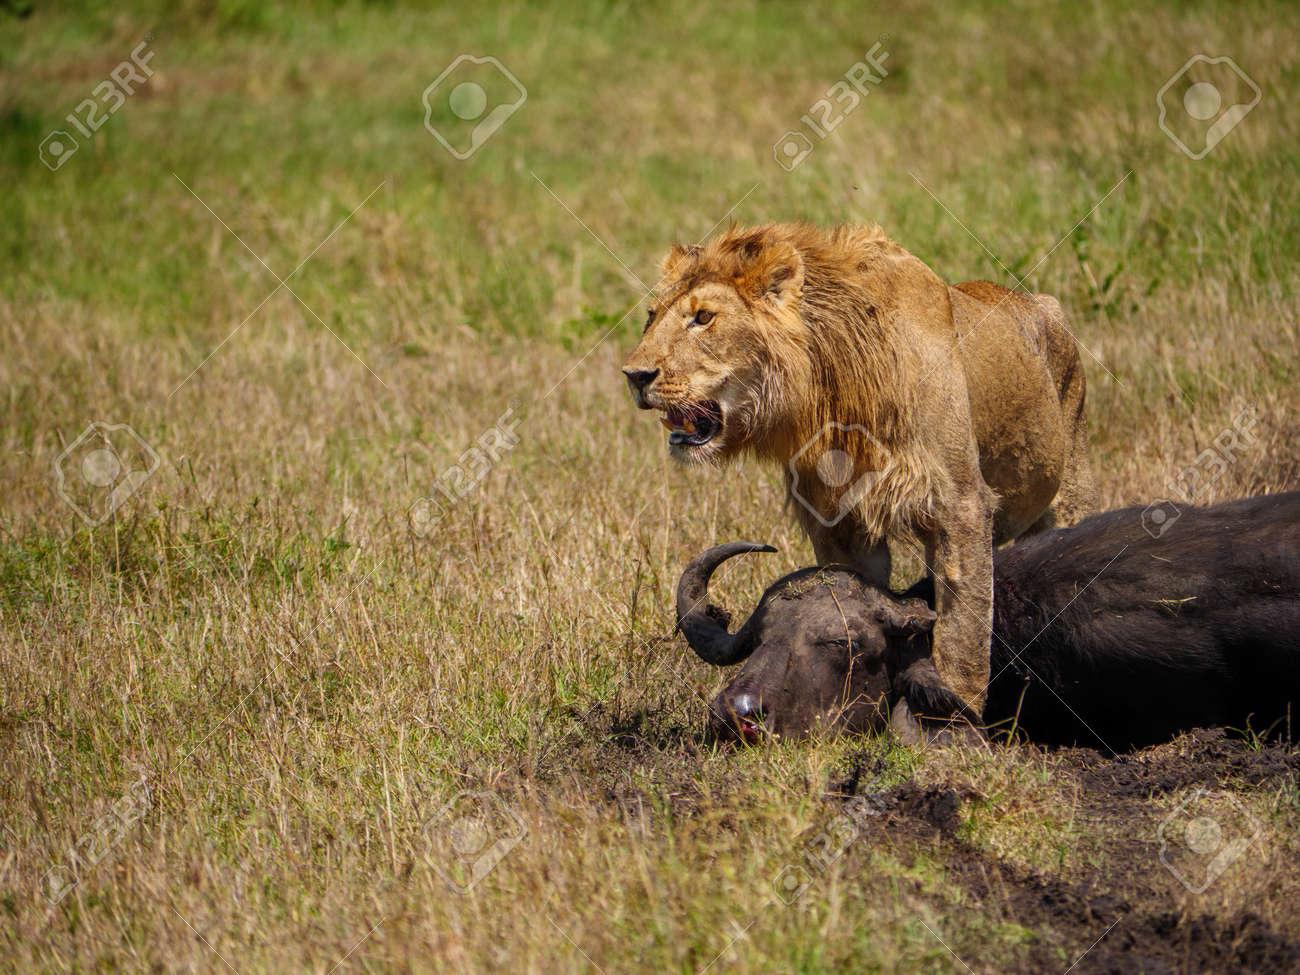 African lion near dead cape buffalo in Kenya - 117419998